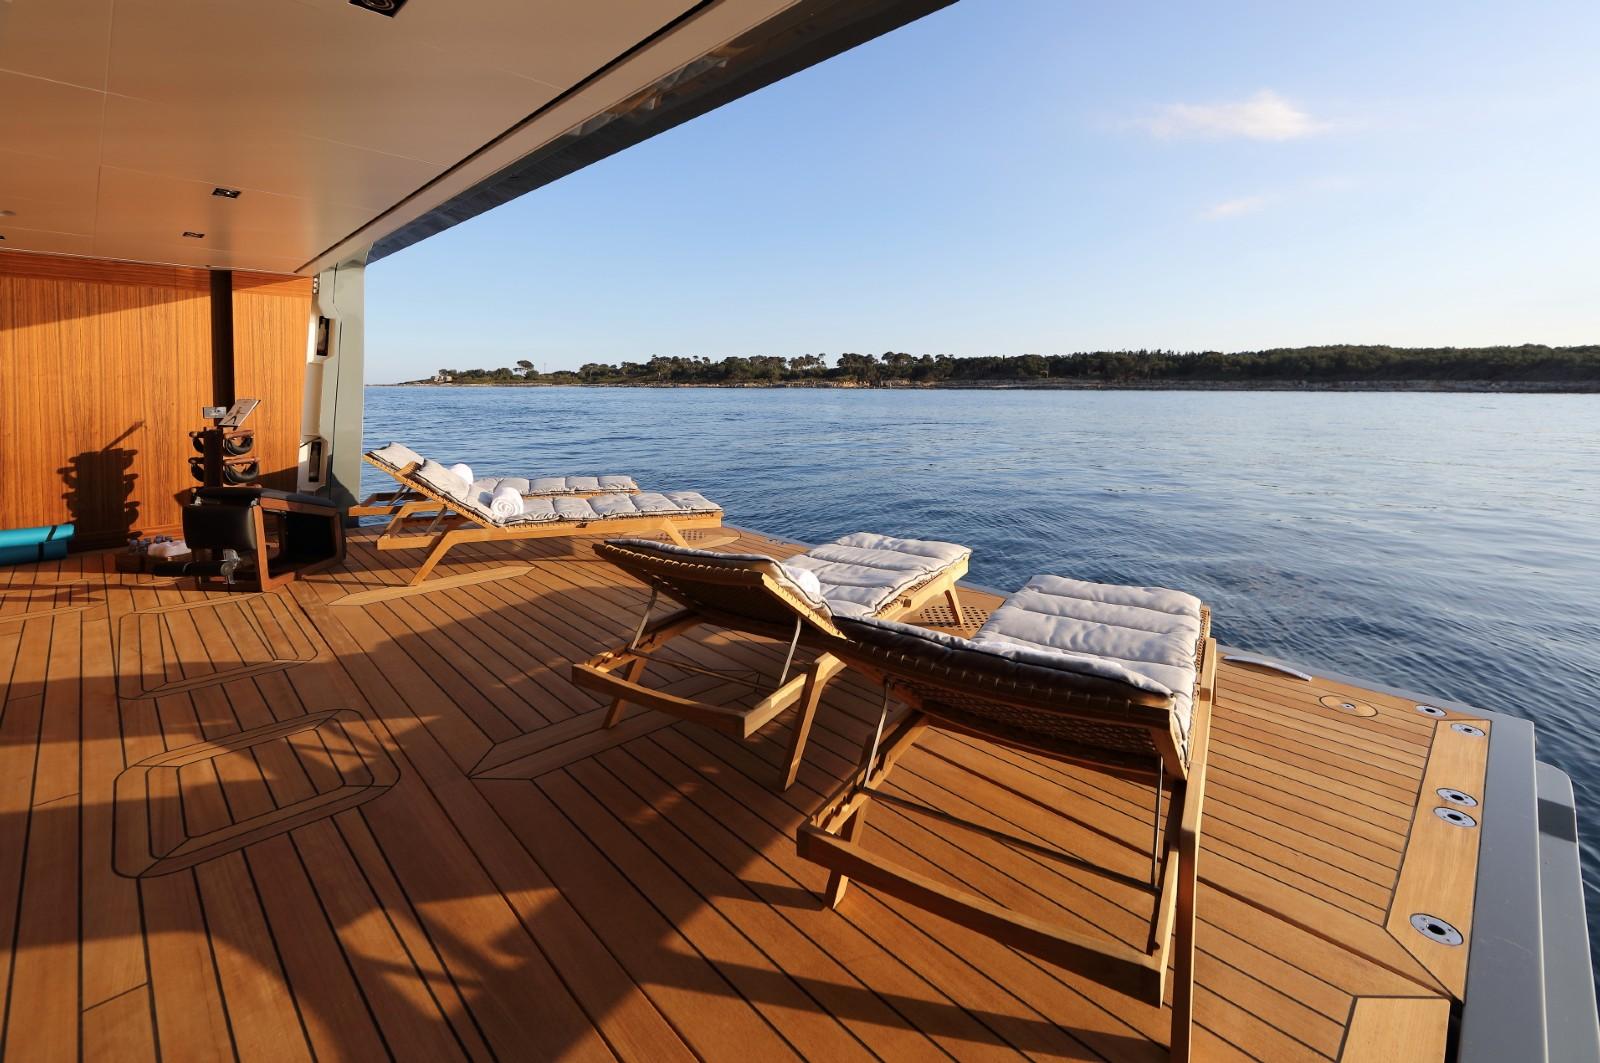 Expedition yacht PLANET NINE - sunbathing